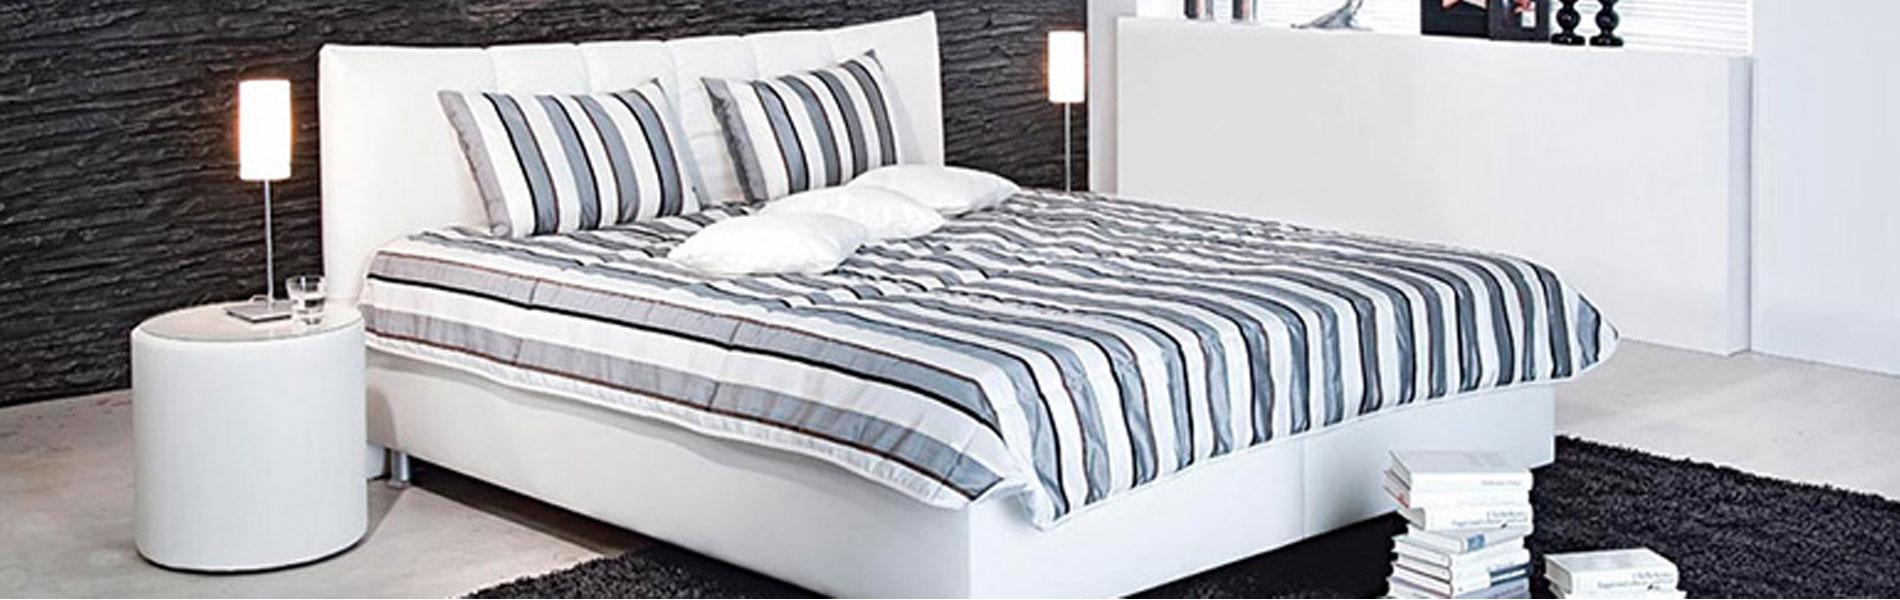 hochwertige oschmann betten für ihr schlafzimmer von möbel höffner - Schlafzimmer Möbel Höffner